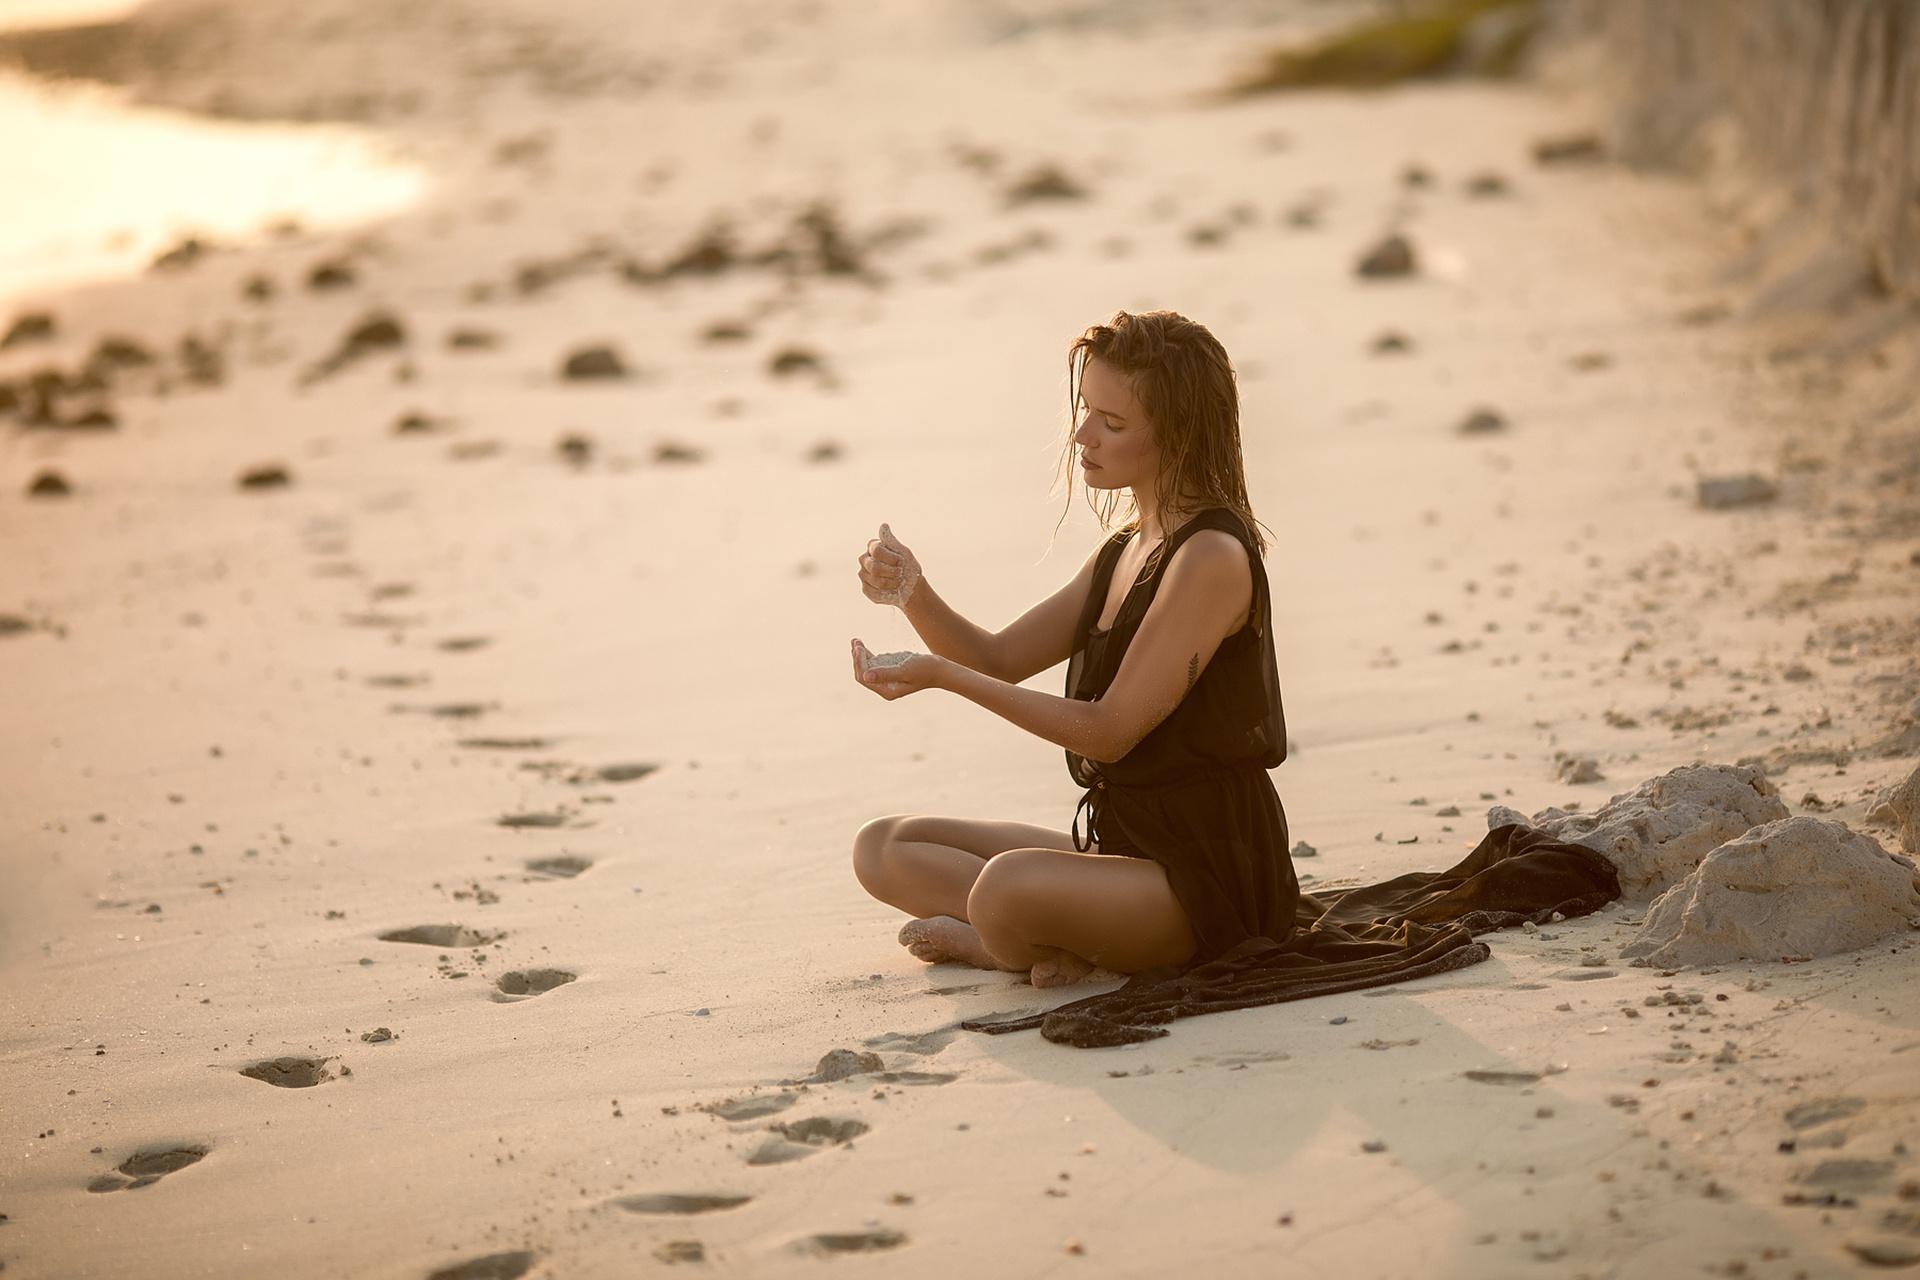 Картинка девушка с песком